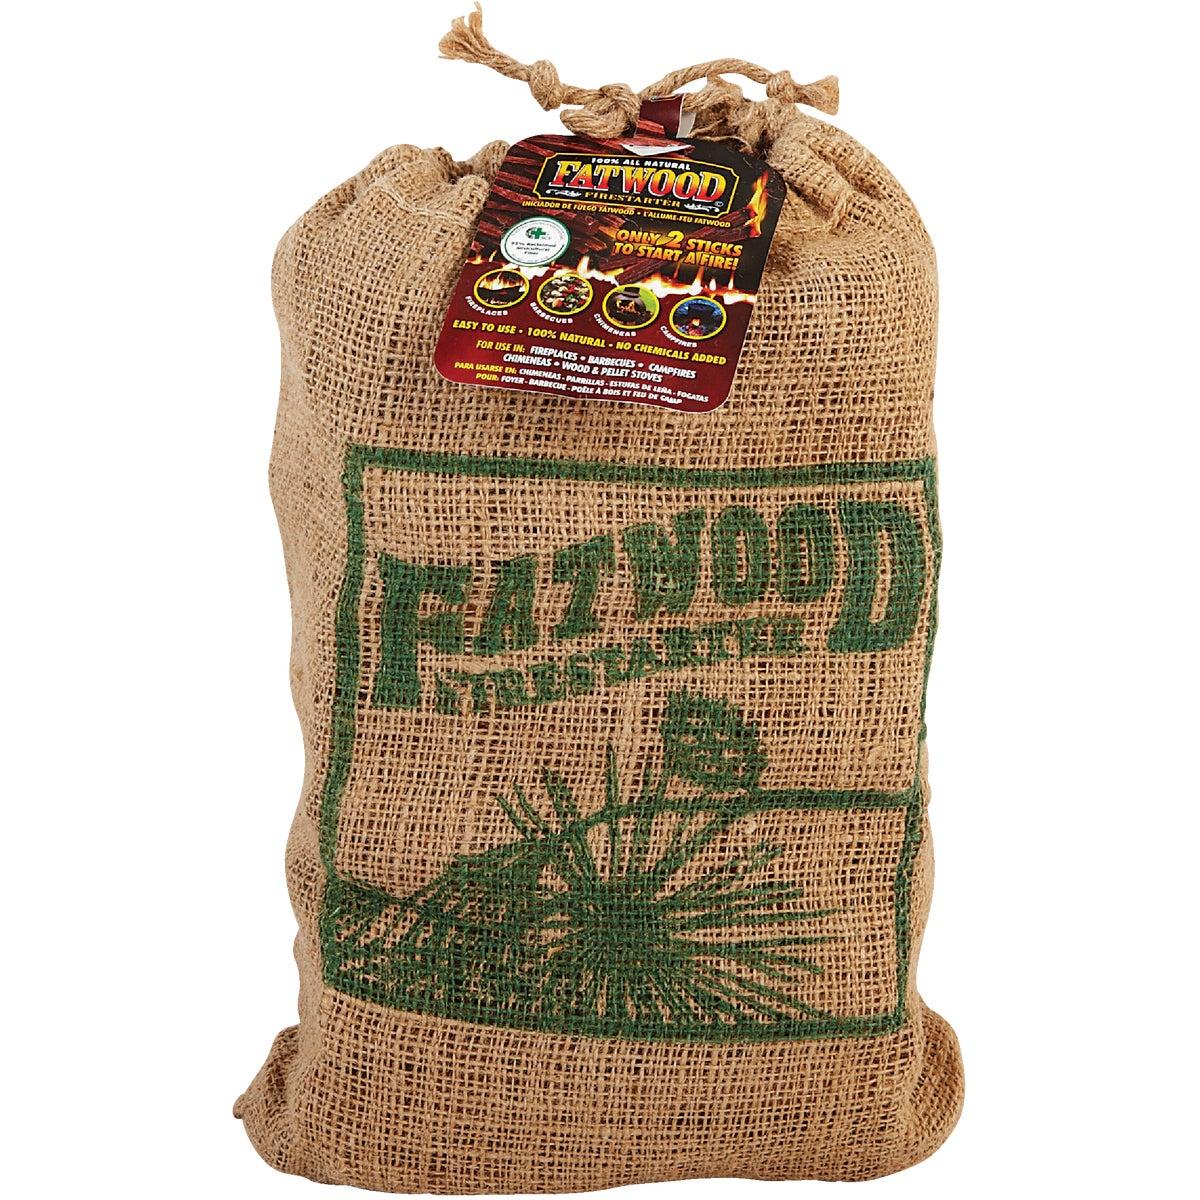 Fatwood Fire Starter, 9908